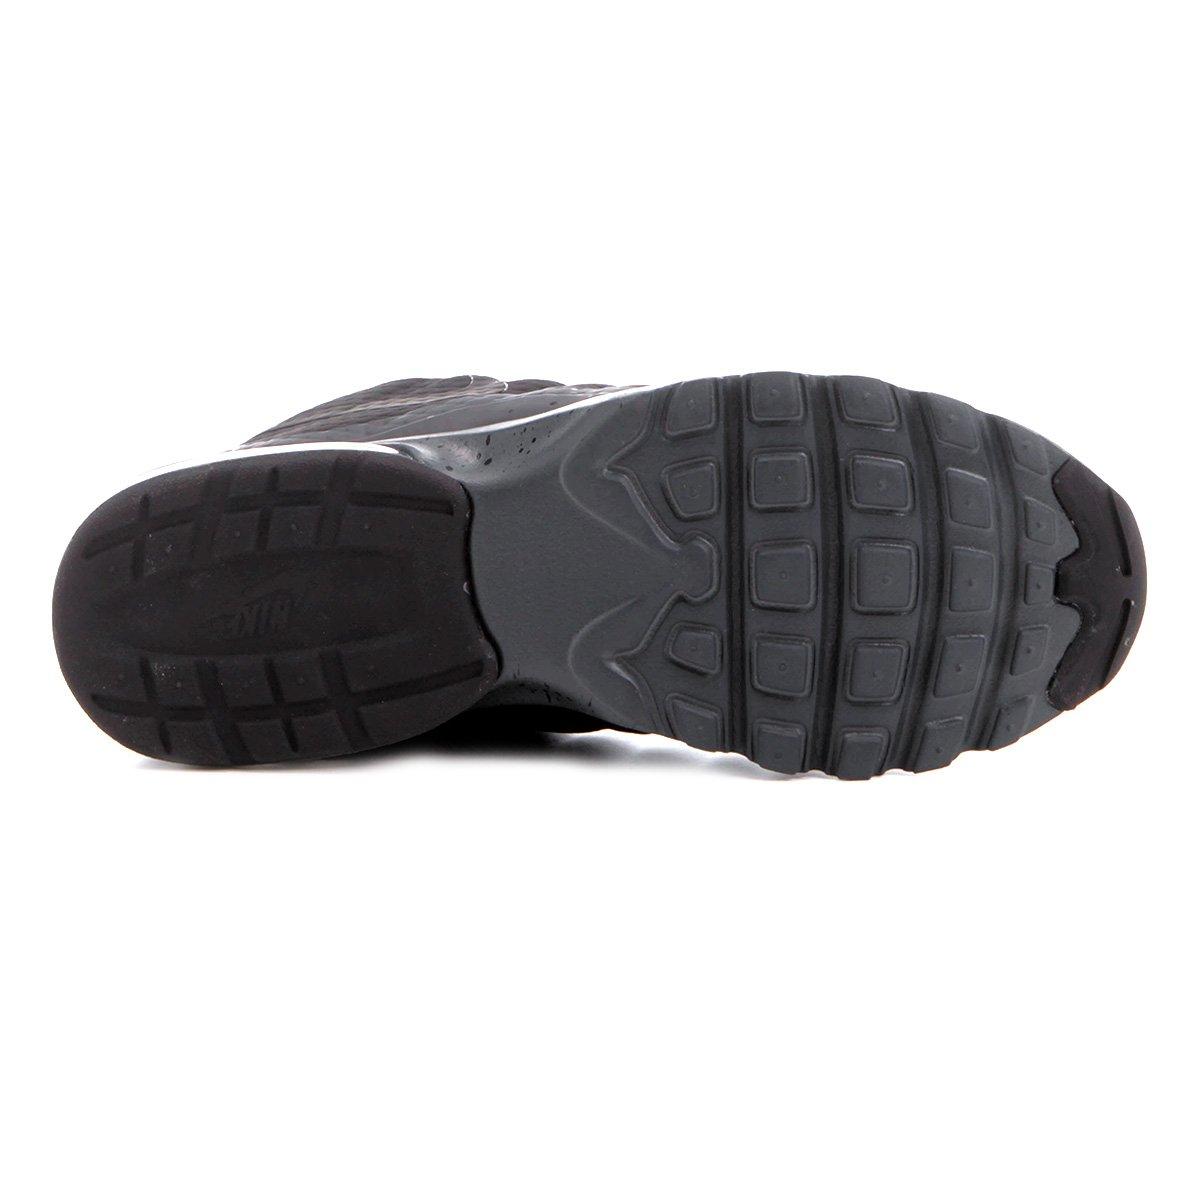 ... Air Mid Nike Preto Tênis Max Tênis Nike Invigor Masculino qnwaPC1C ... a85f33fcf943b